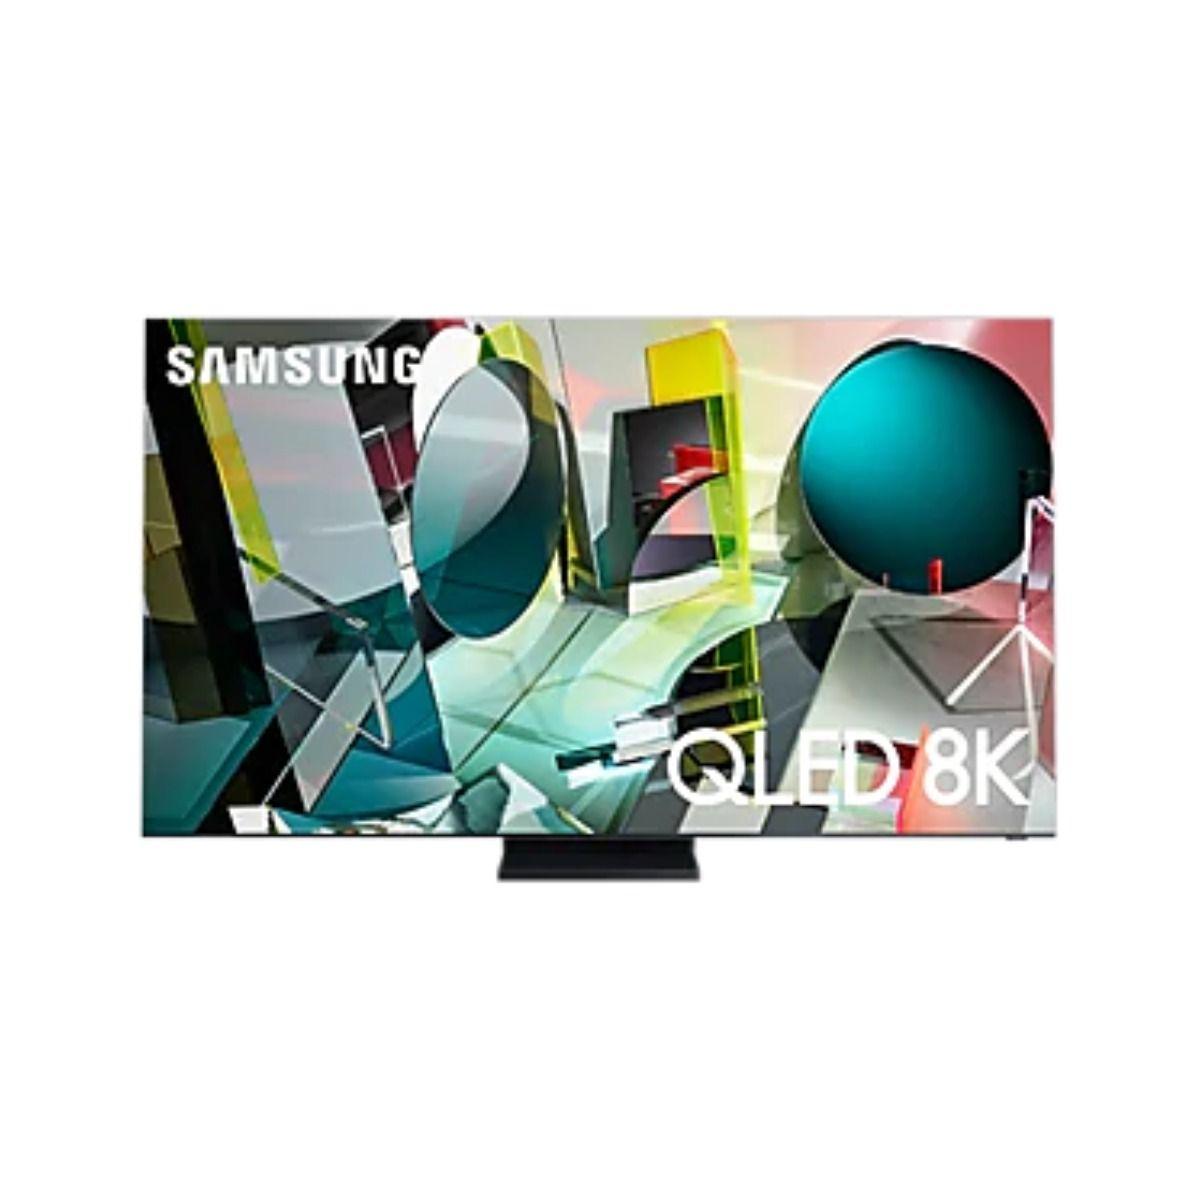 ಸ್ಯಾಮ್ಸಂಗ್ 75 ಇಂಚುಗಳು 8K Smart QLED TV(QA75Q950TSKXXL)